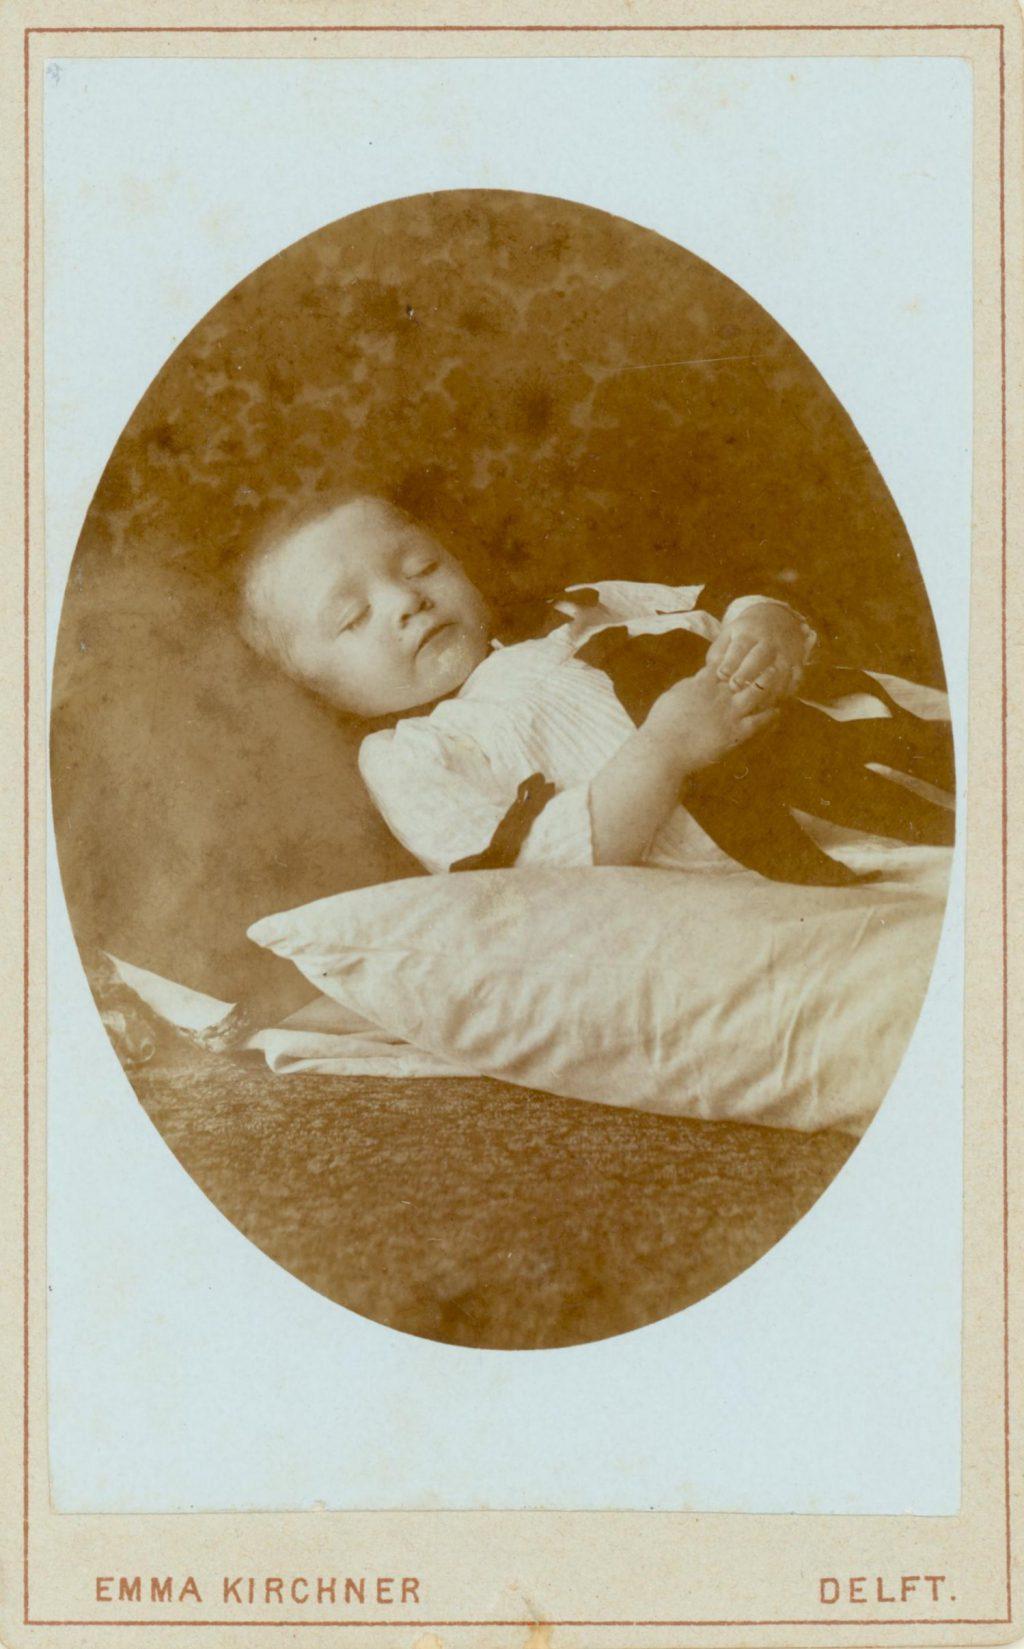 Dood kindje op een kussen, ca. 1876-1899, foto Emma Kirchner (TMS 8562)